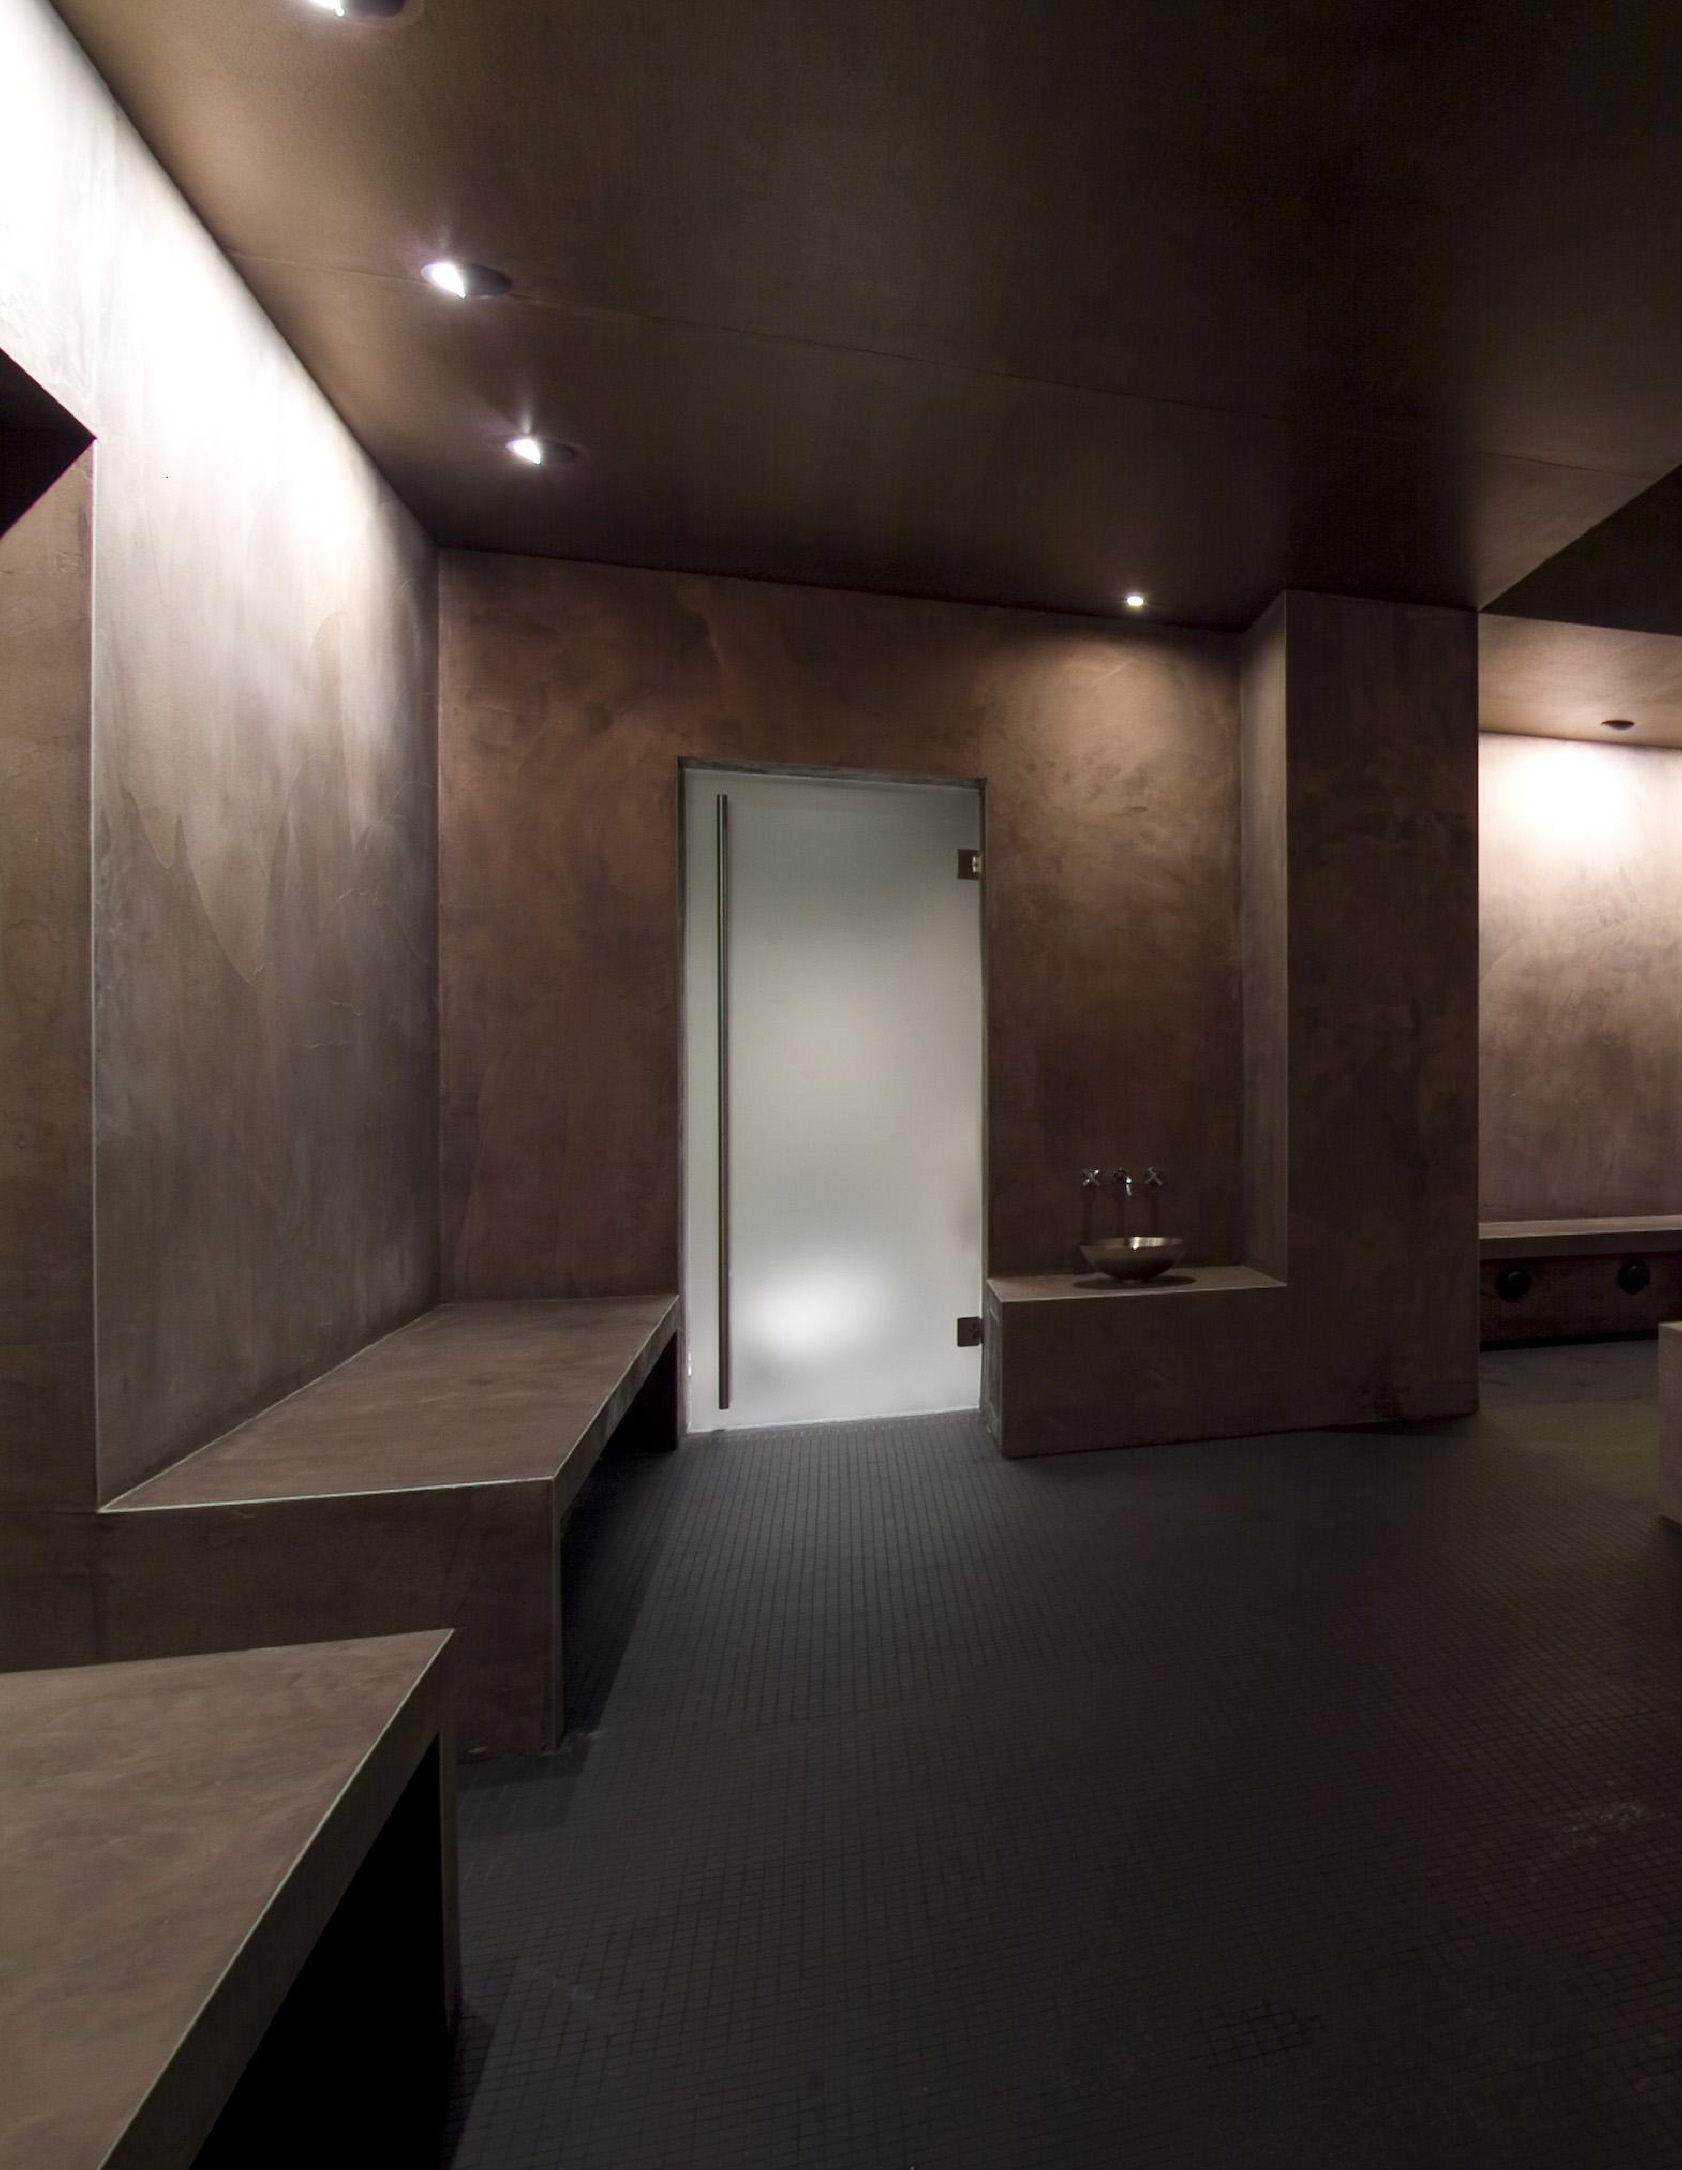 fugenlose wand u bodengestaltung. Black Bedroom Furniture Sets. Home Design Ideas